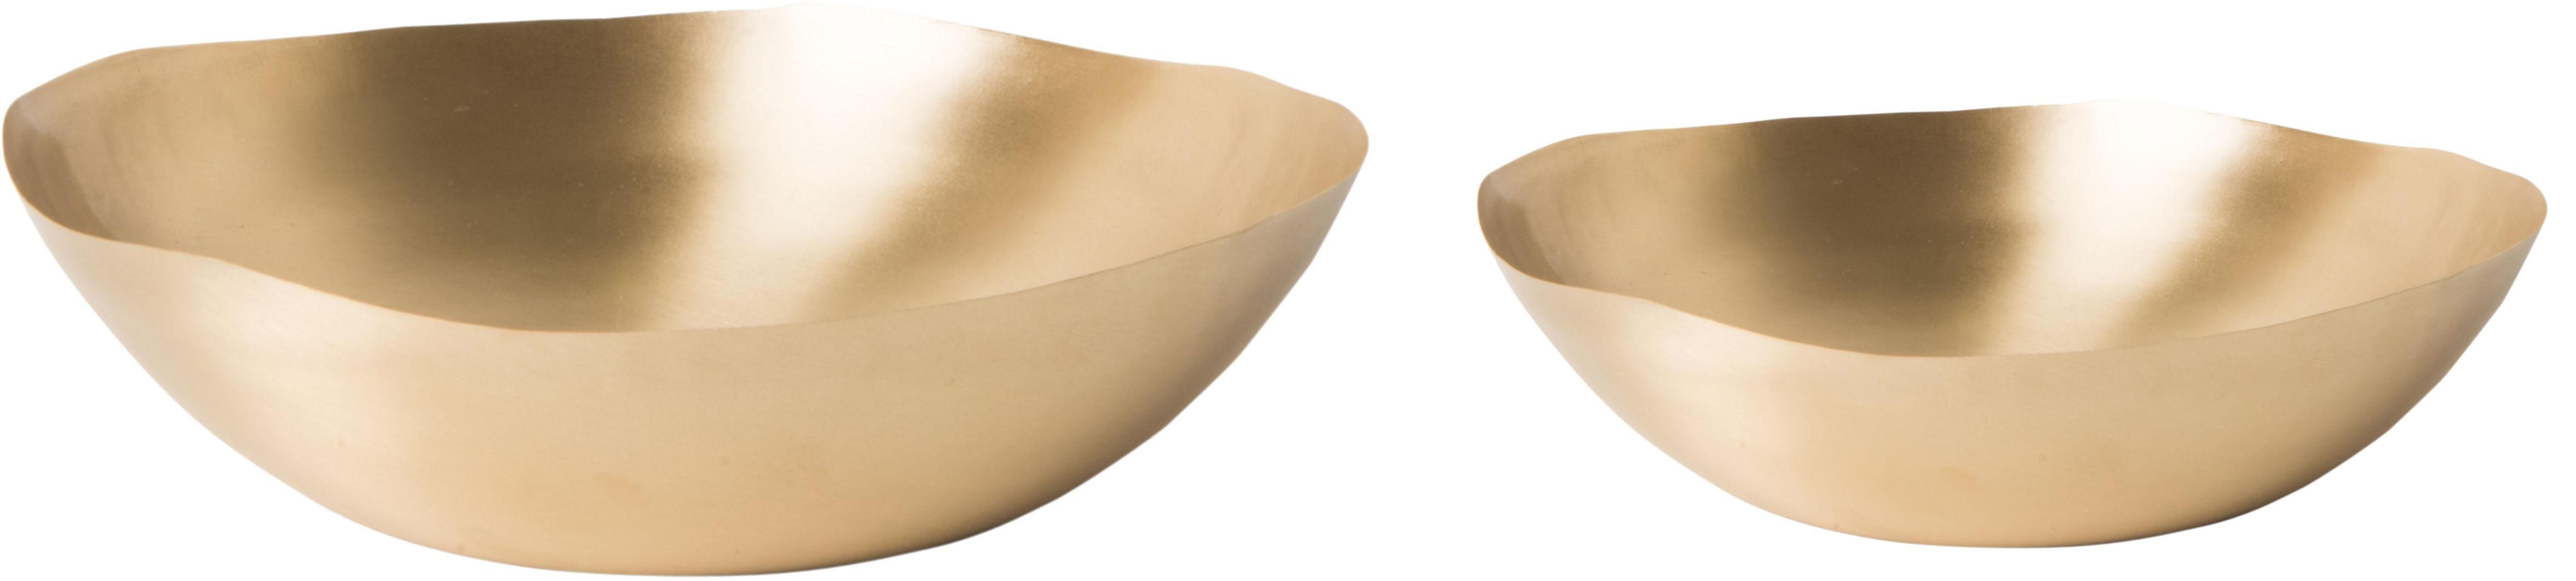 Handgemachtes Schüssel-Set Nature, 2 Stück, Messing, weich und flexibel, Messing, Set mit verschiedenen Grössen